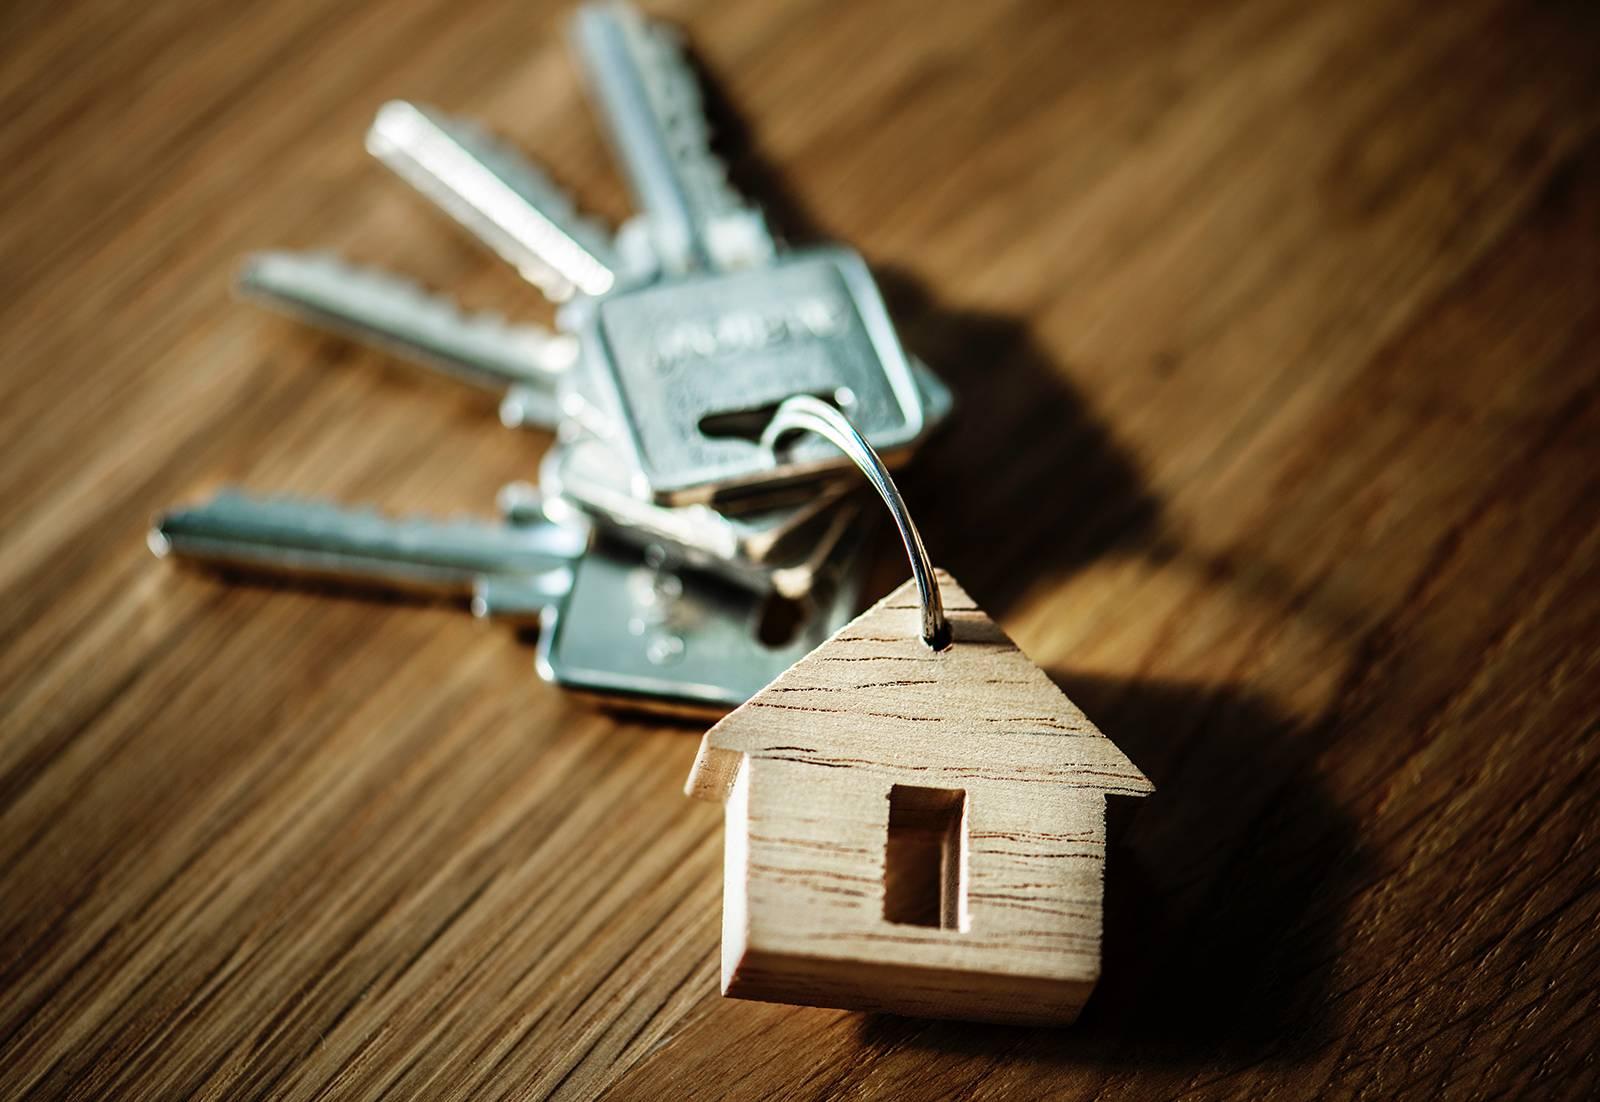 Assurance maison : quelles sont les garanties de ces contrats ?